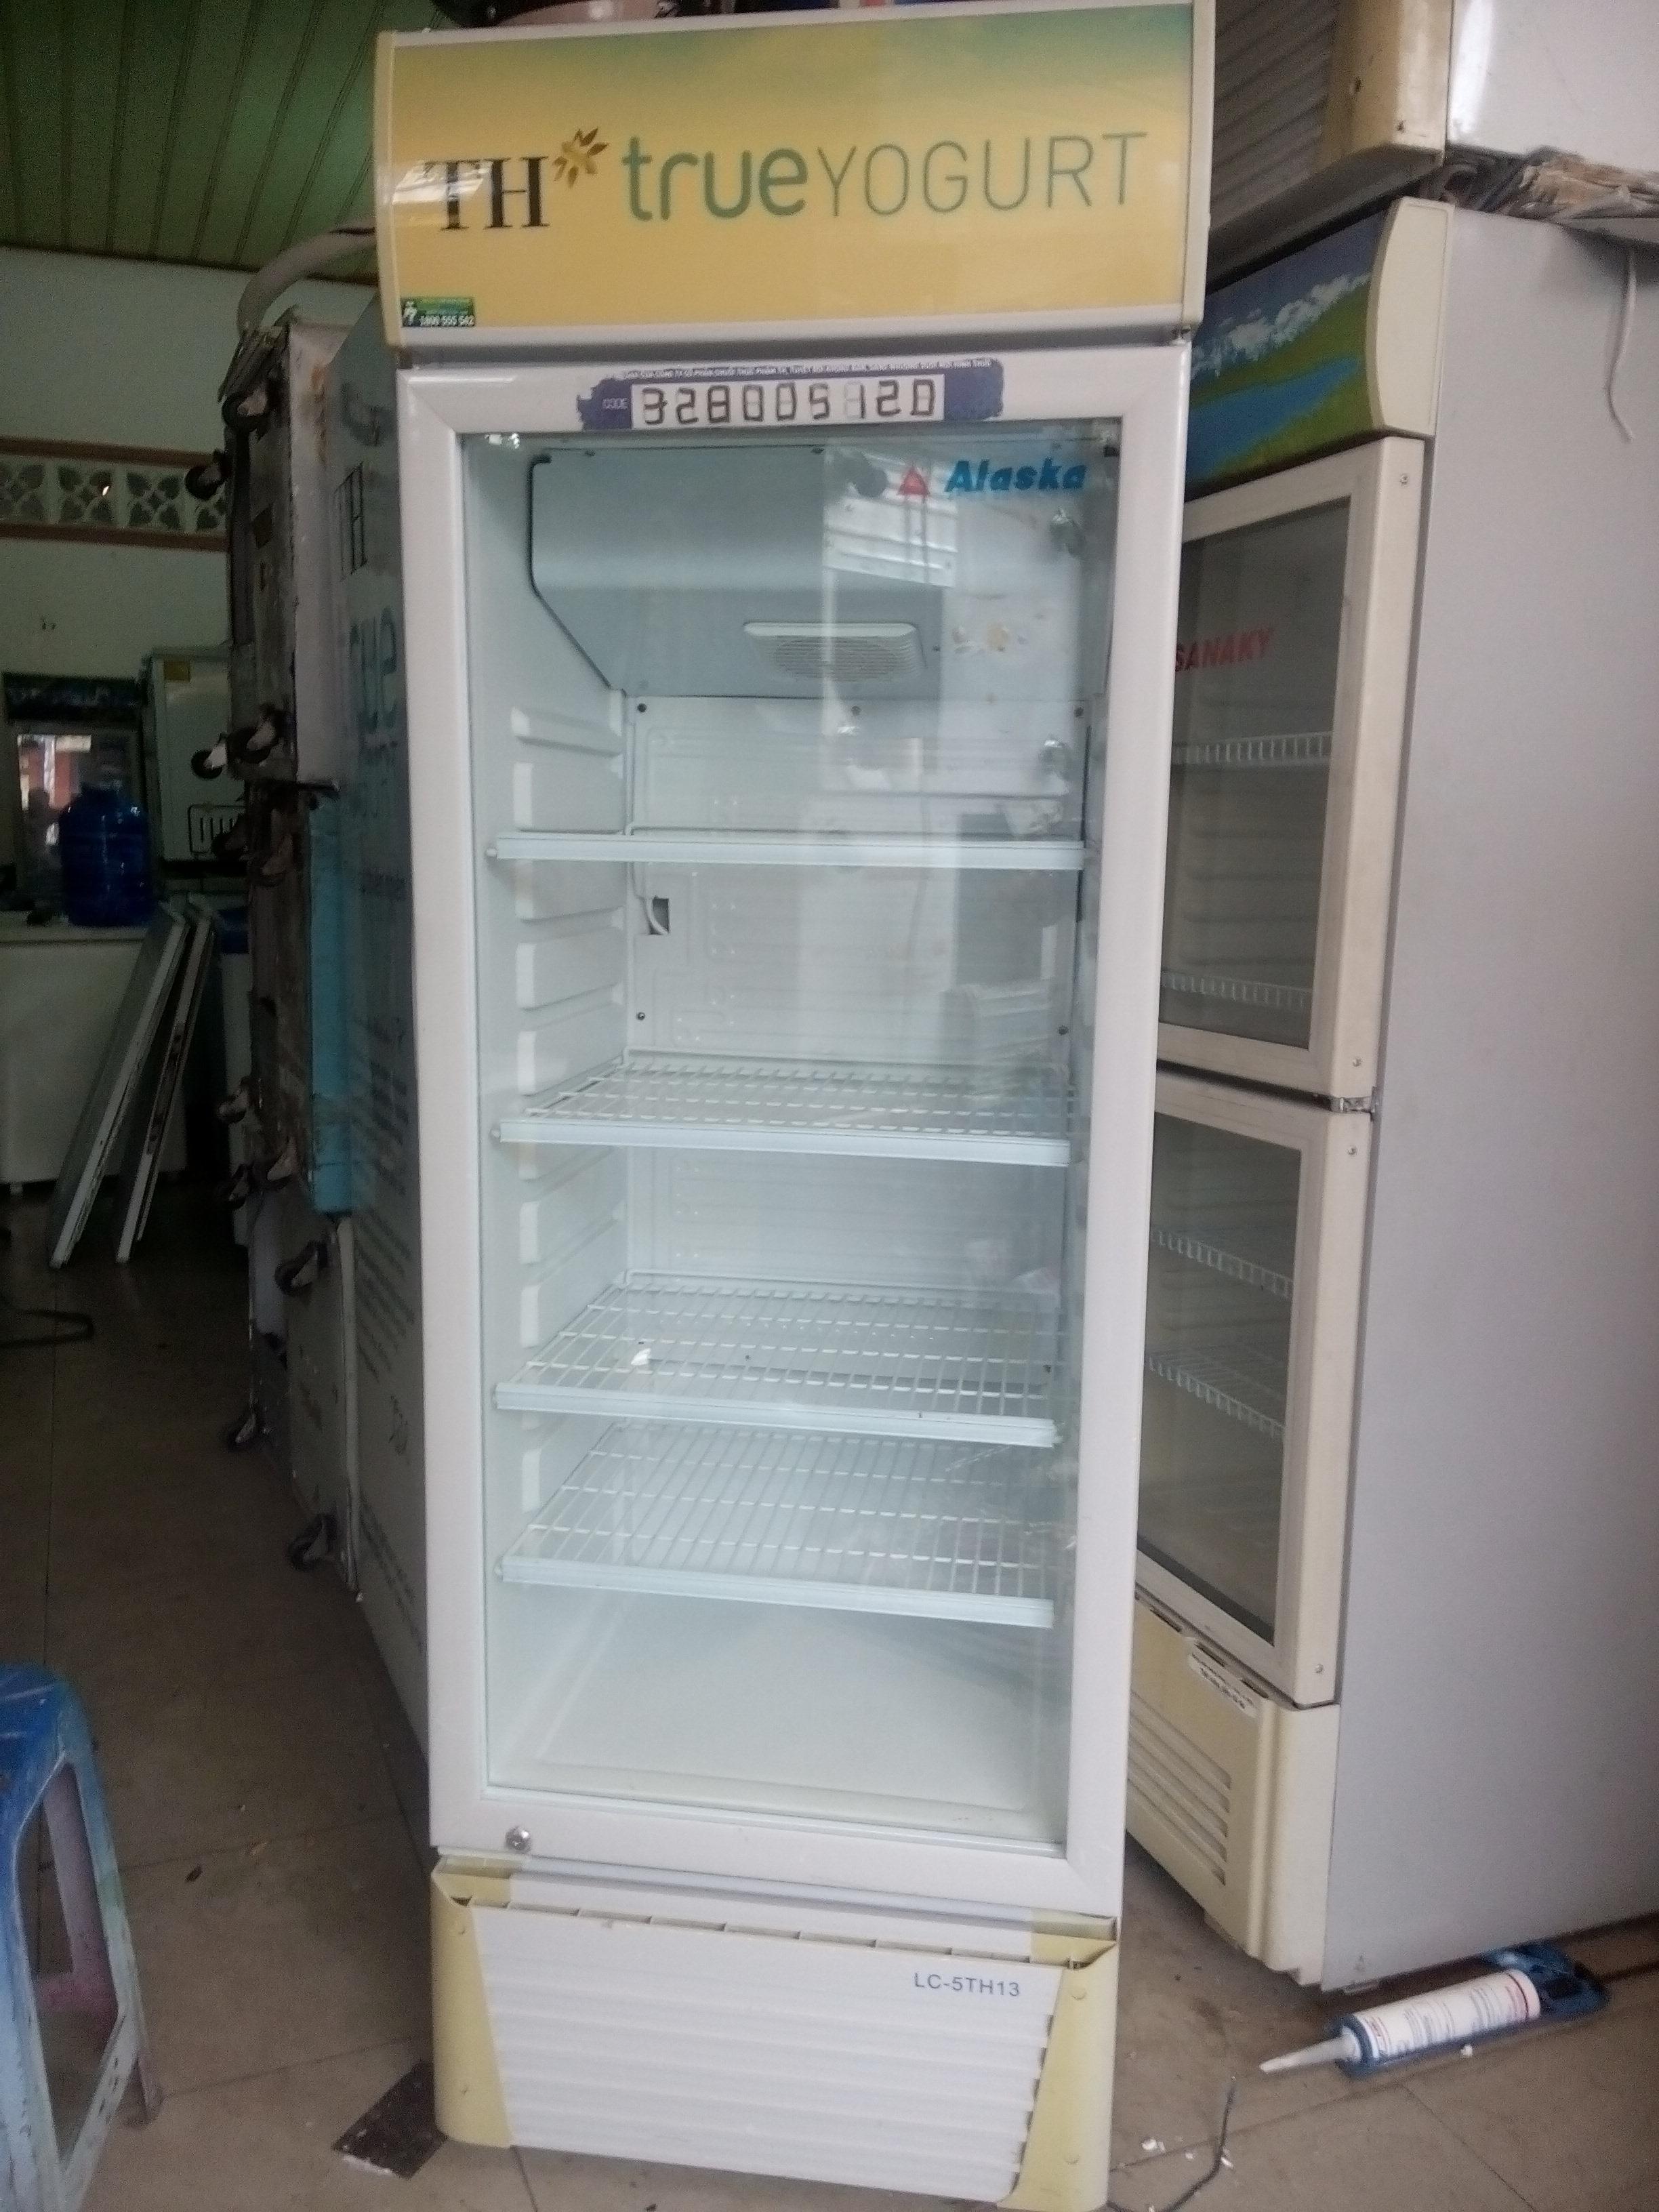 Tủ mát cũ Alaska LC -533H - Tủ mát cũ, tủ đông cũ qua sử dụng mới 85%